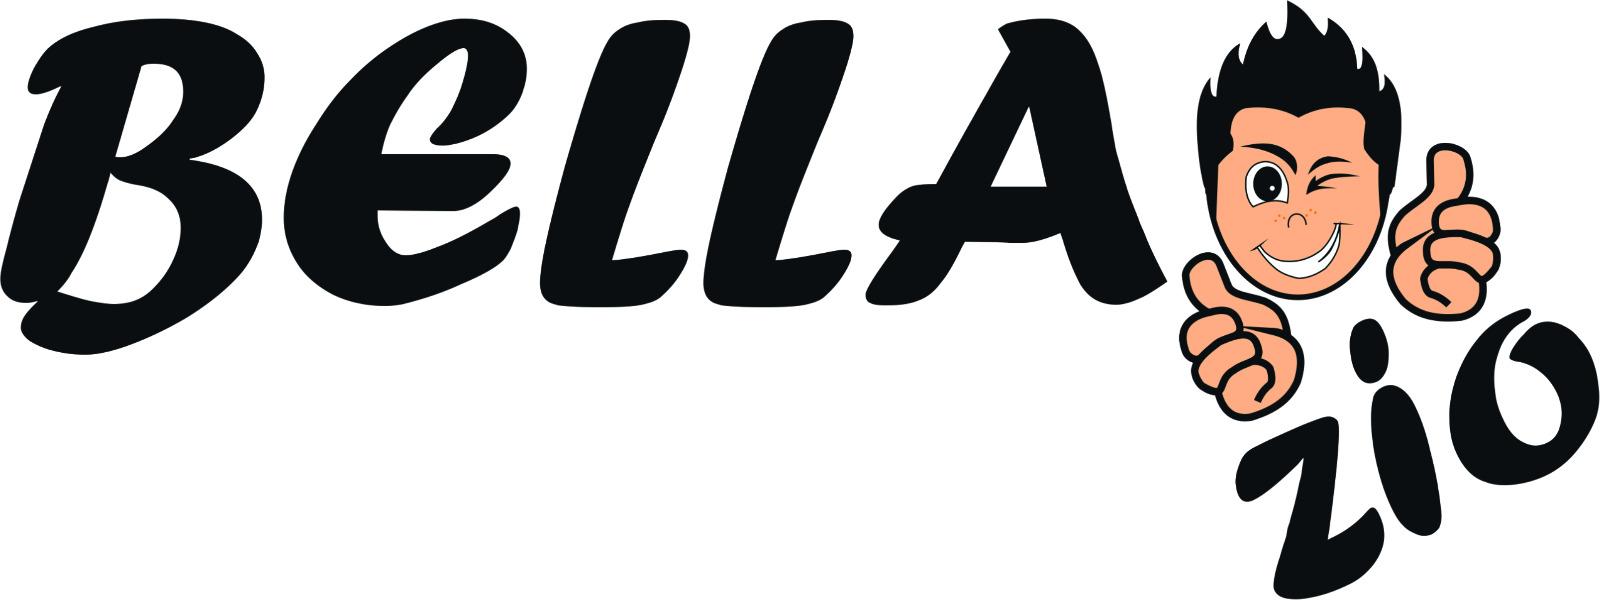 Bella Zio